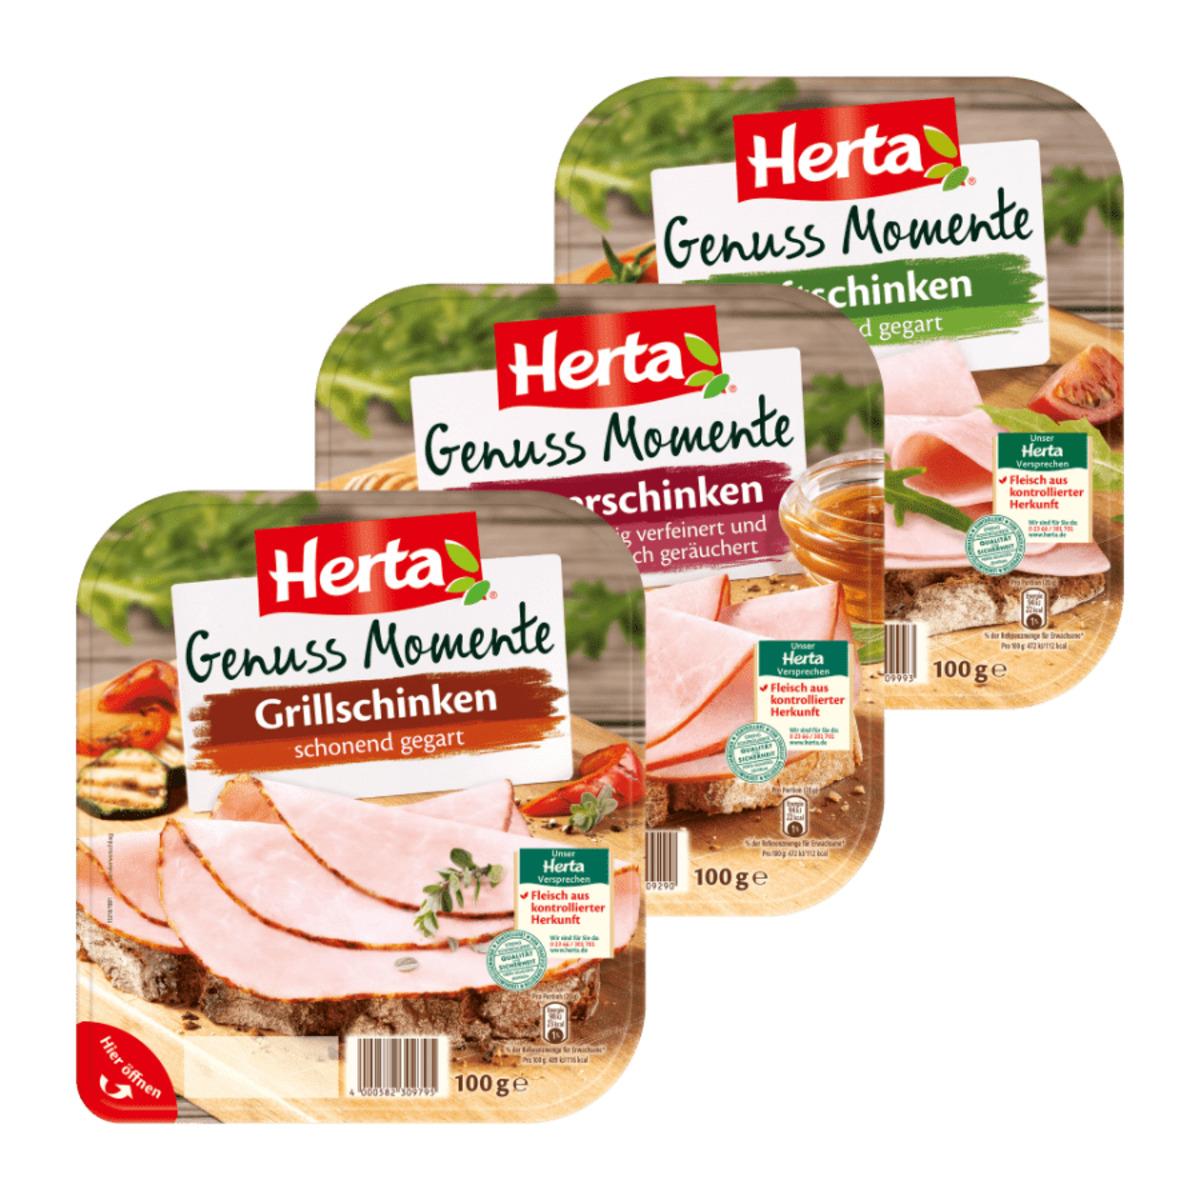 Bild 1 von Herta Genuss Momente